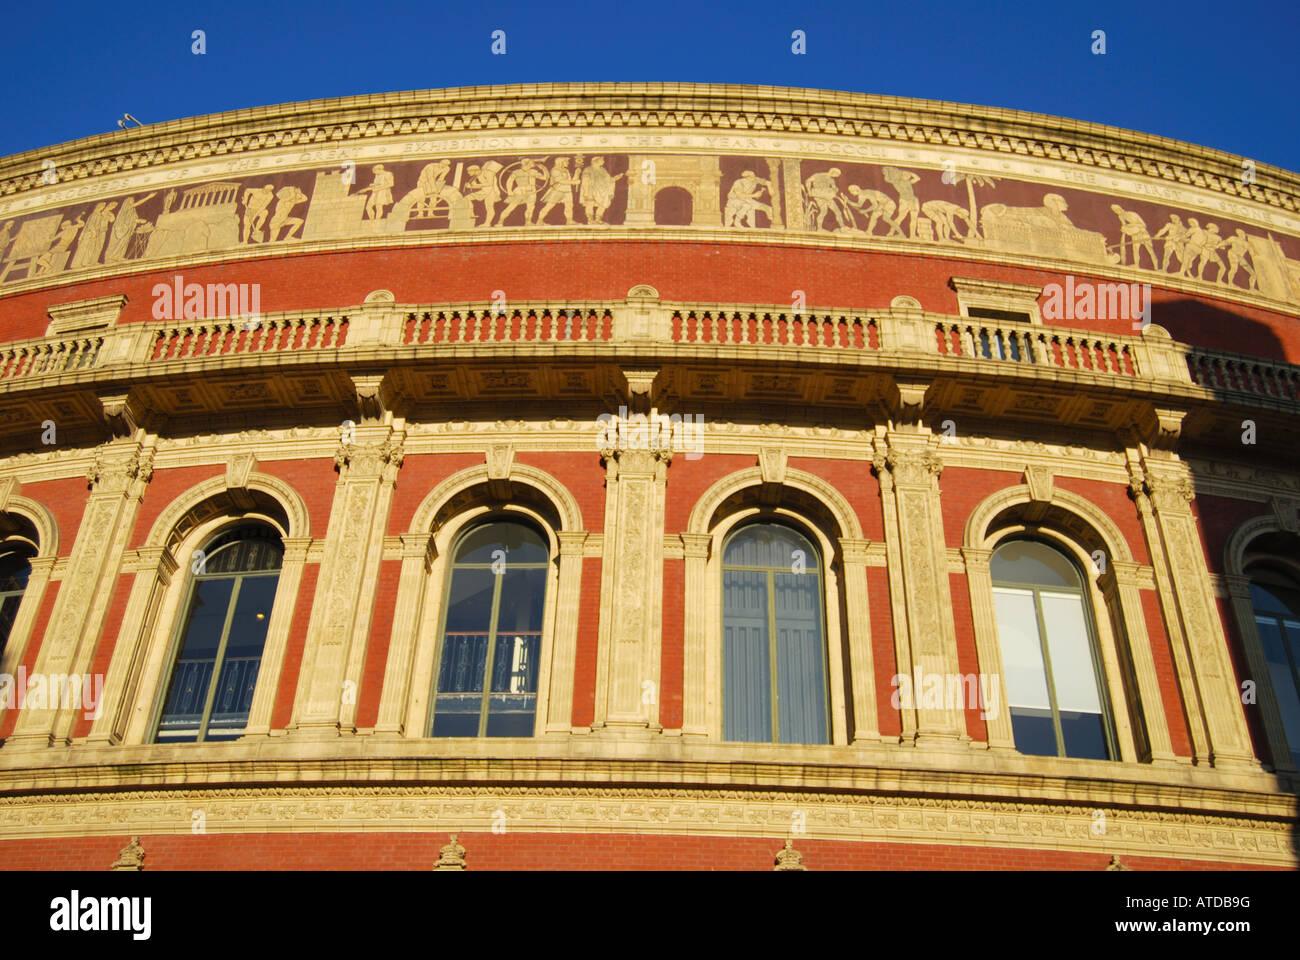 Vue extérieure au coucher du soleil, le Royal Albert Hall, Kensington, Londres, Angleterre, Royaume-Uni Banque D'Images